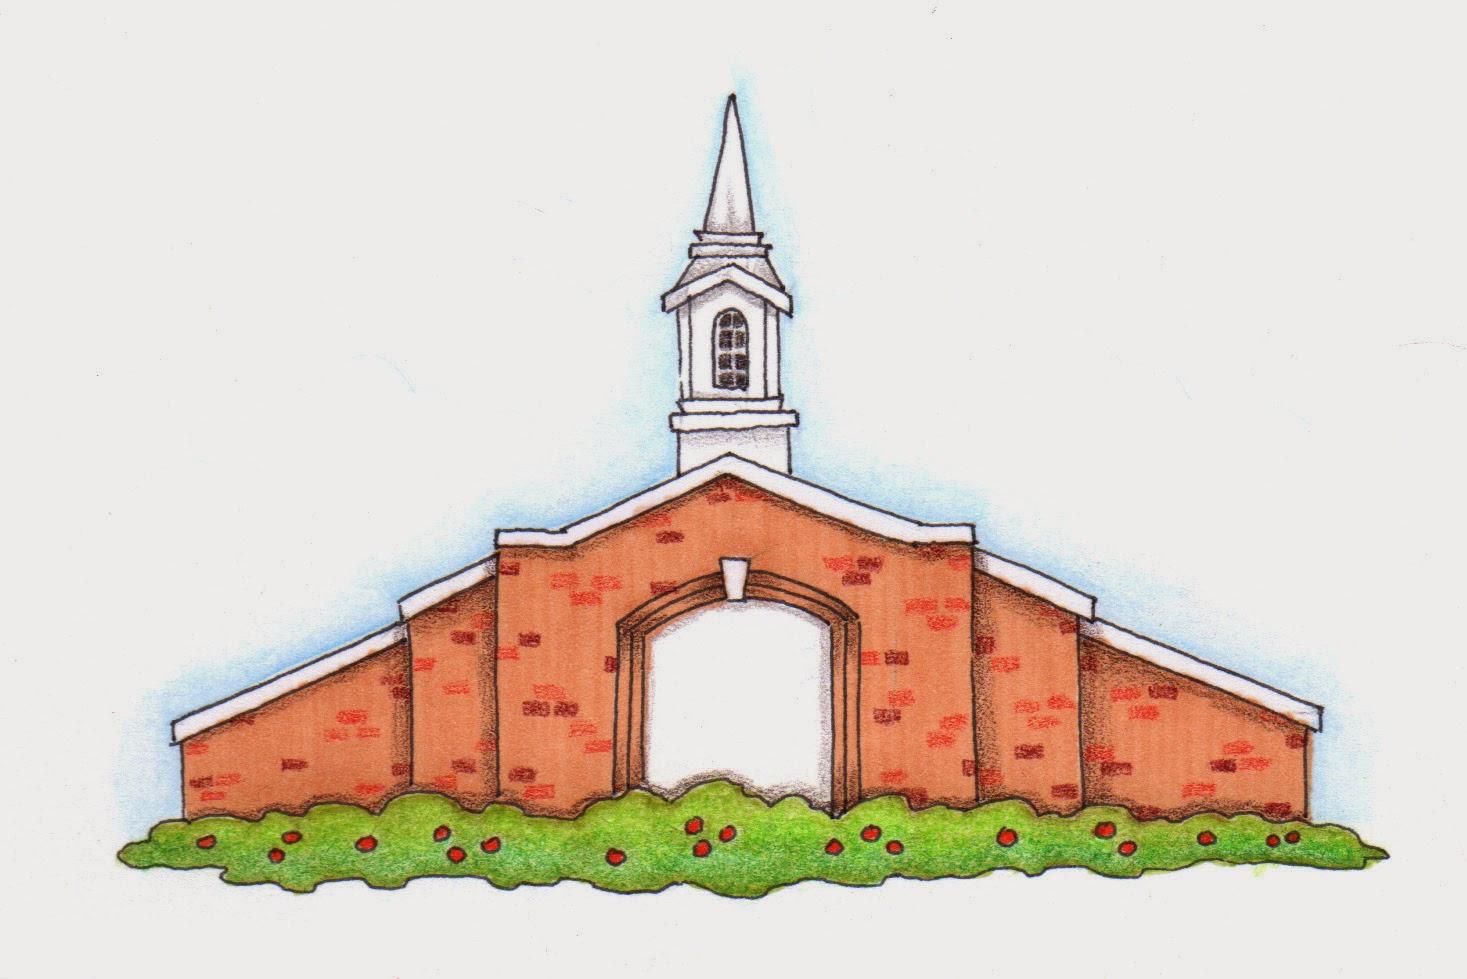 Steeple clipart church doors Belong Jesus Belong to